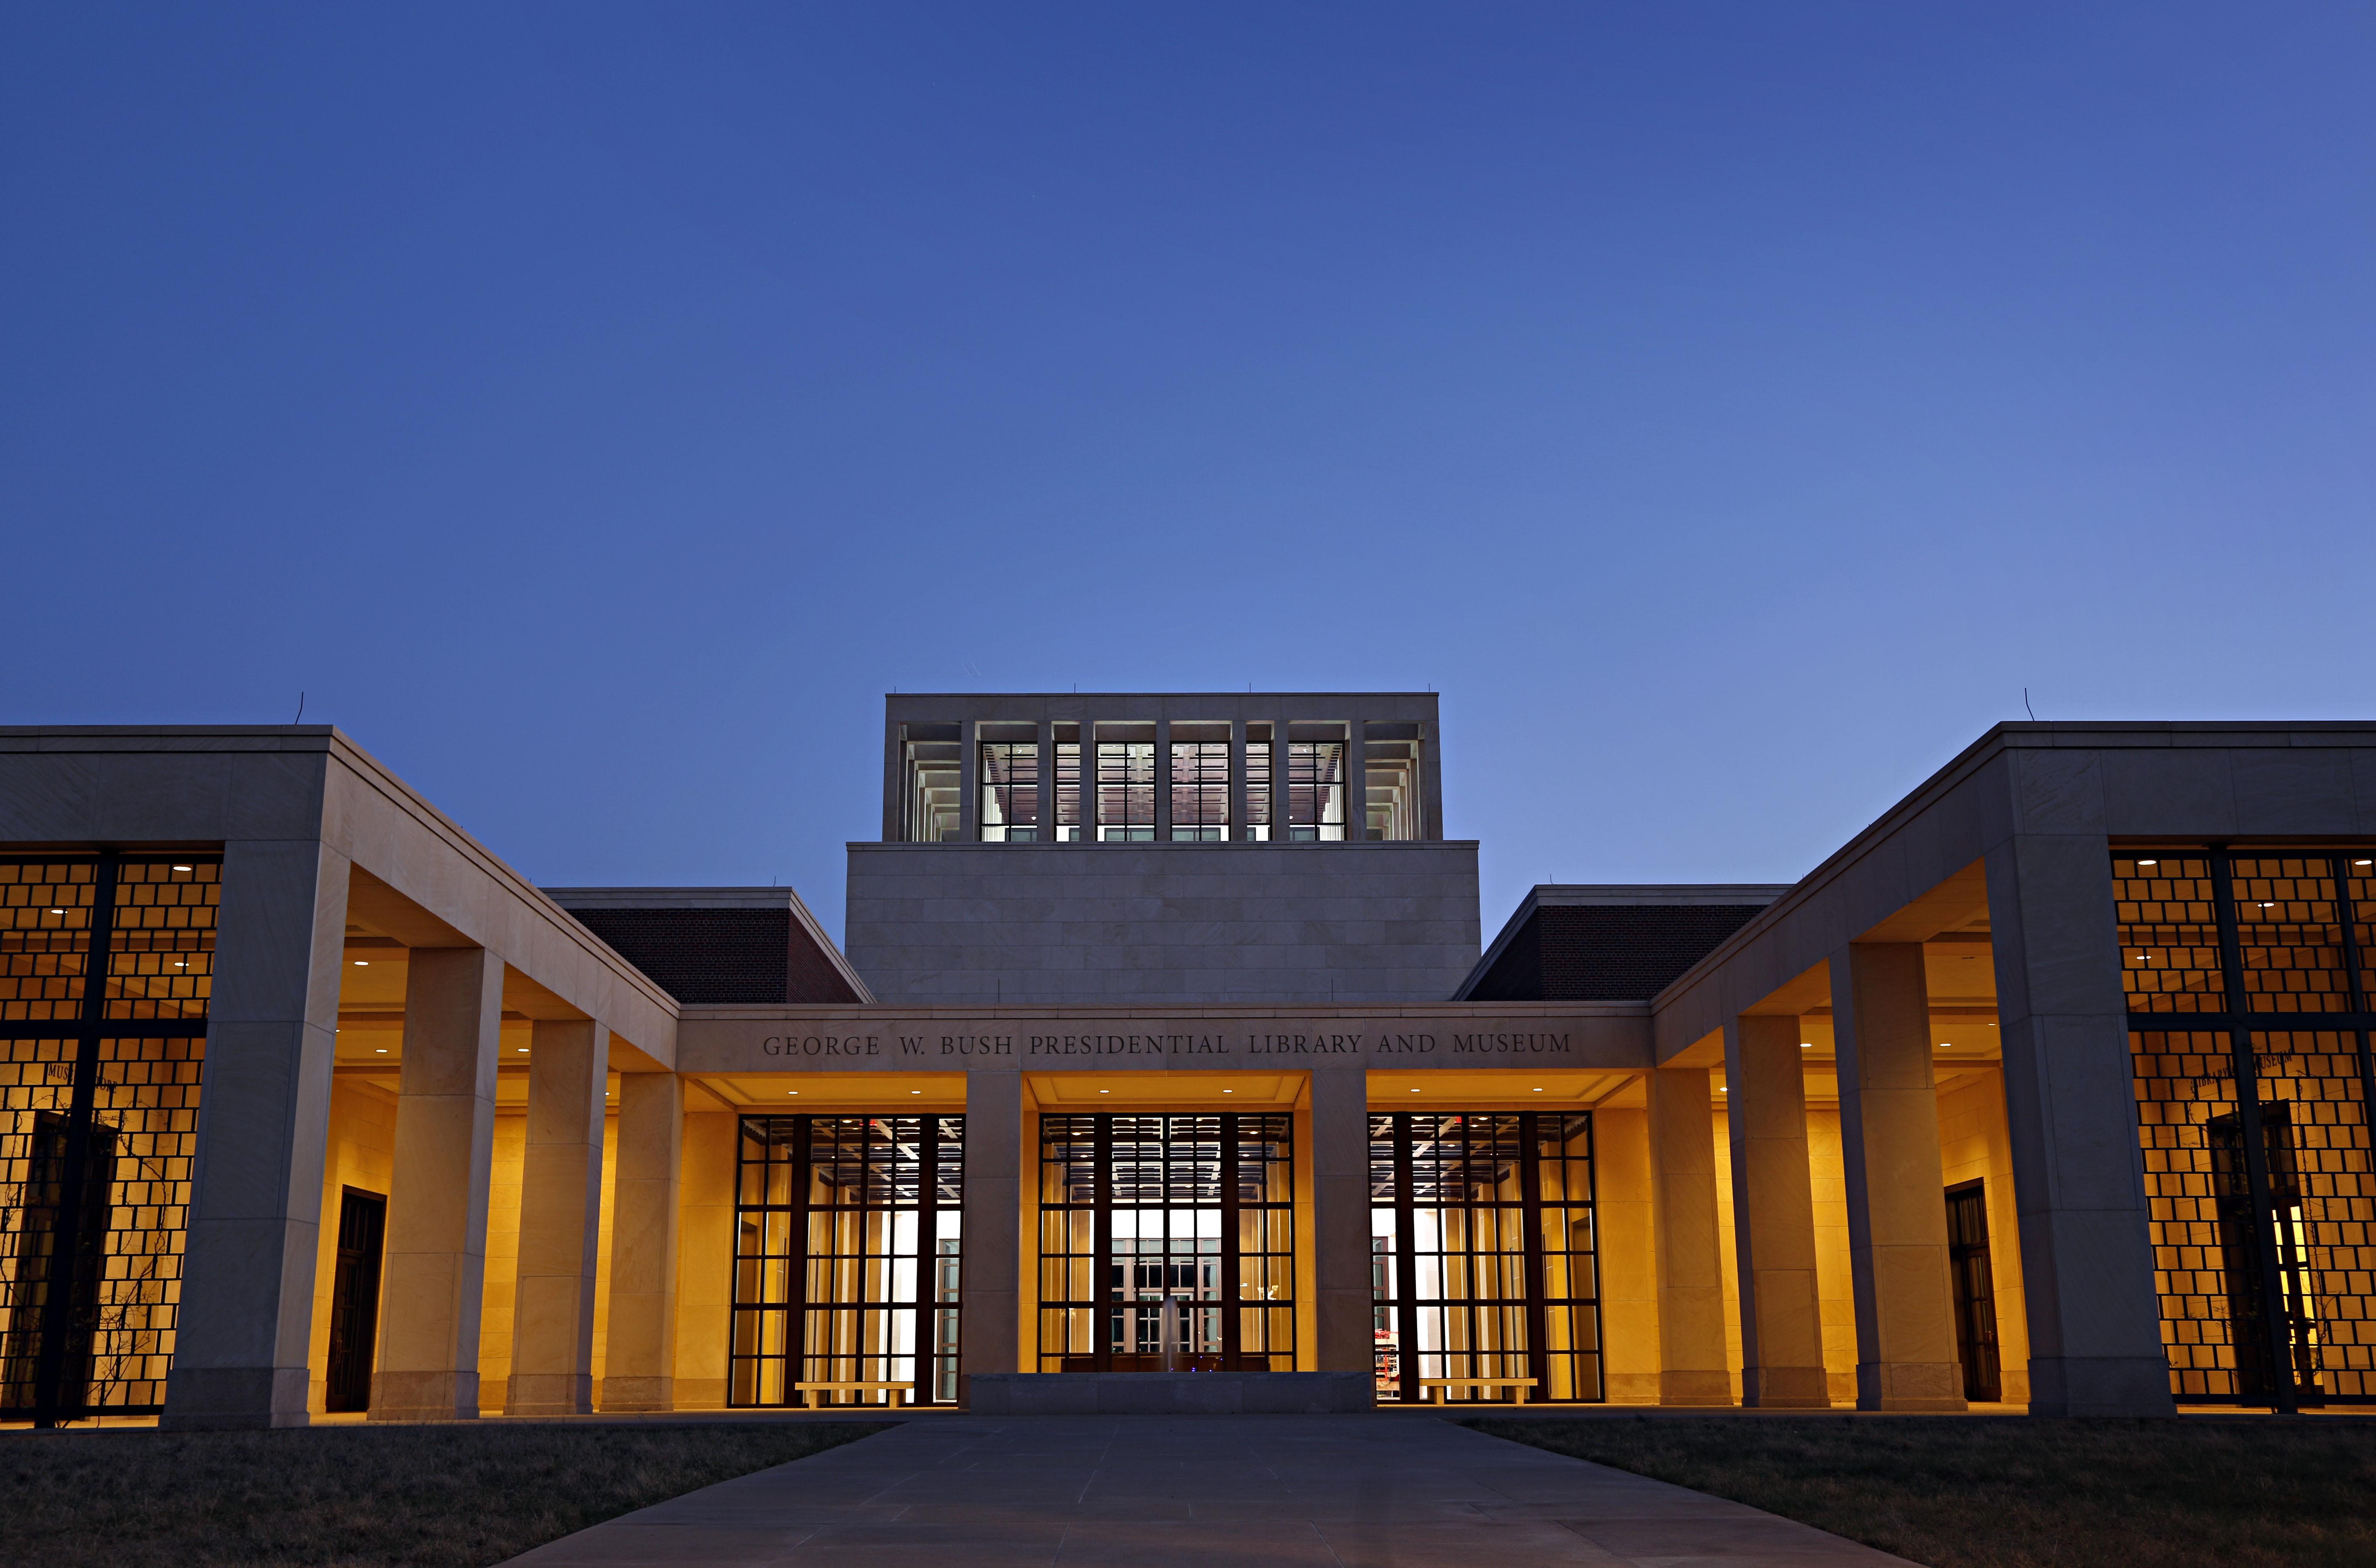 Dallas TX Bush Library Exhibits 911 War Katrina Recount